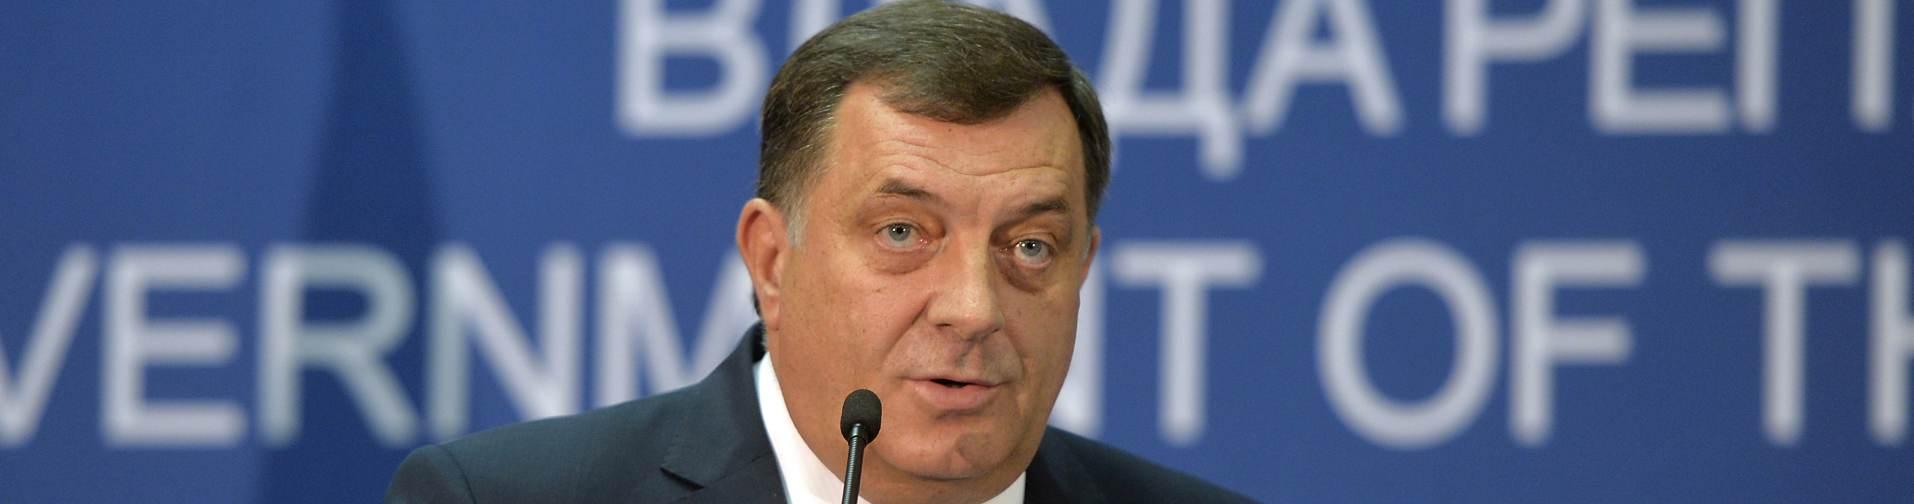 Dodik oduševljen Hoferovim uspjehom na austrijskim predsjedničkim izborima